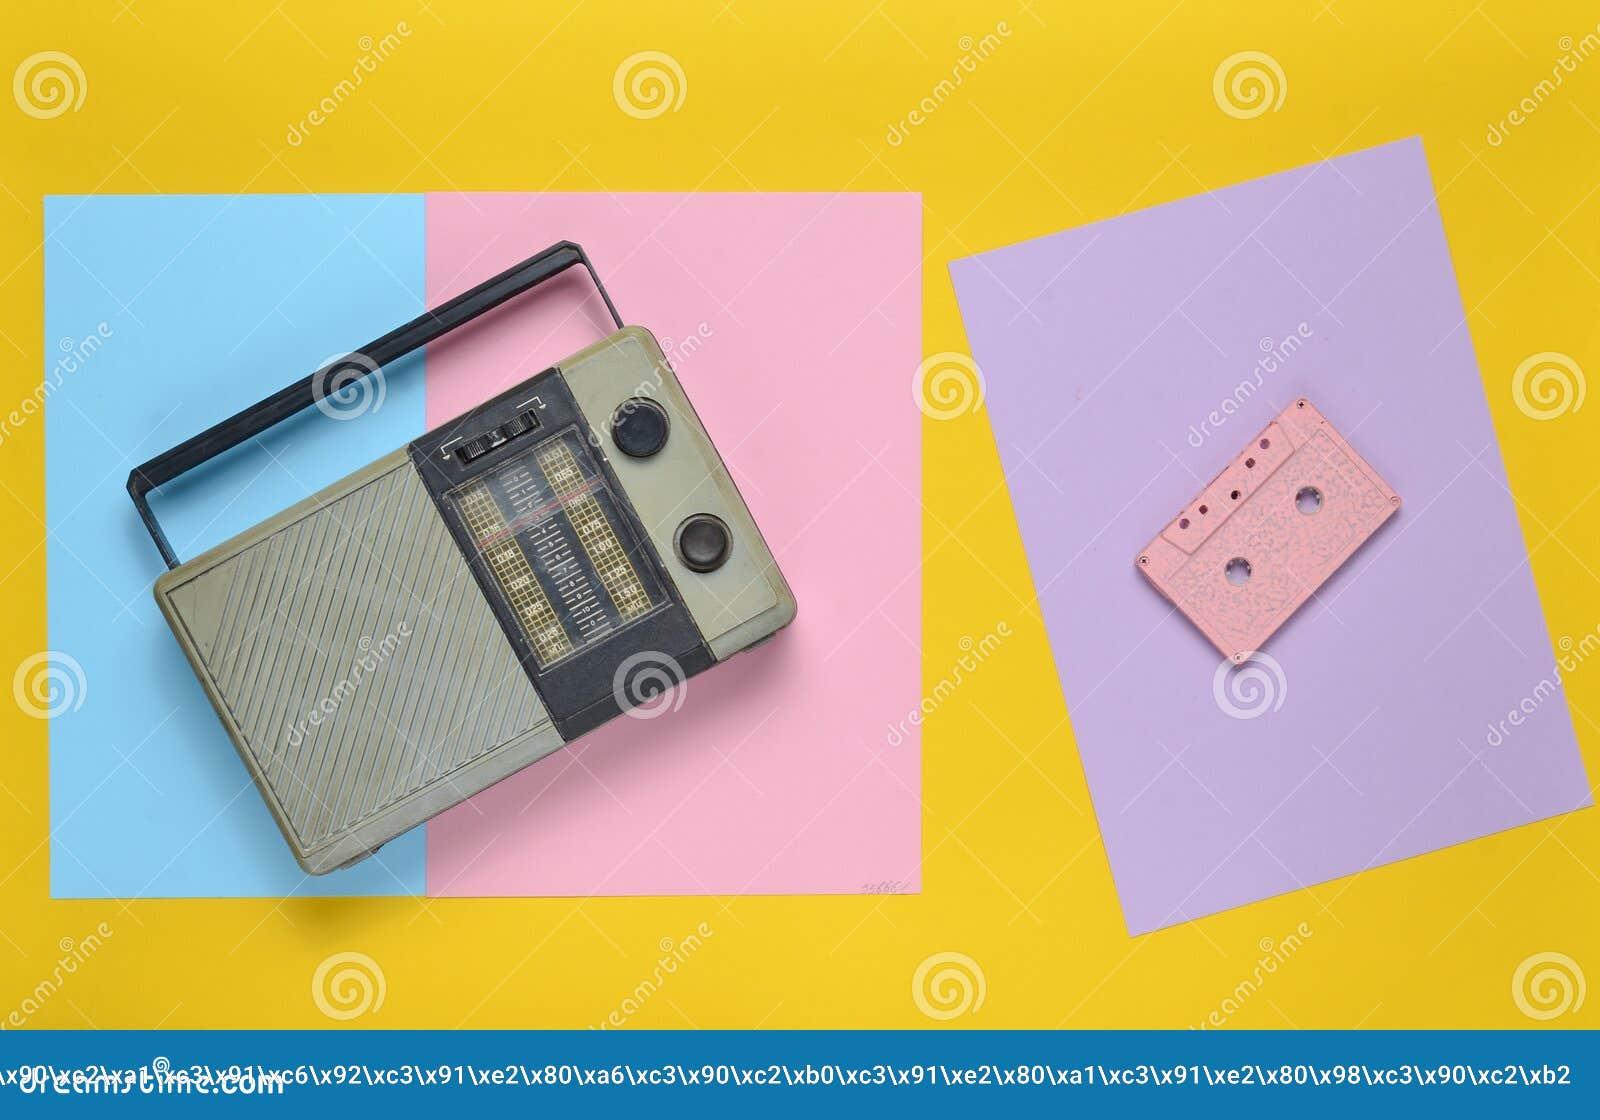 Αναδρομικός ραδιο δέκτης, ακουστική κασέτα σε ένα χρωματισμένο υπόβαθρο εγγράφου μινιμαλισμός Τοπ όψη